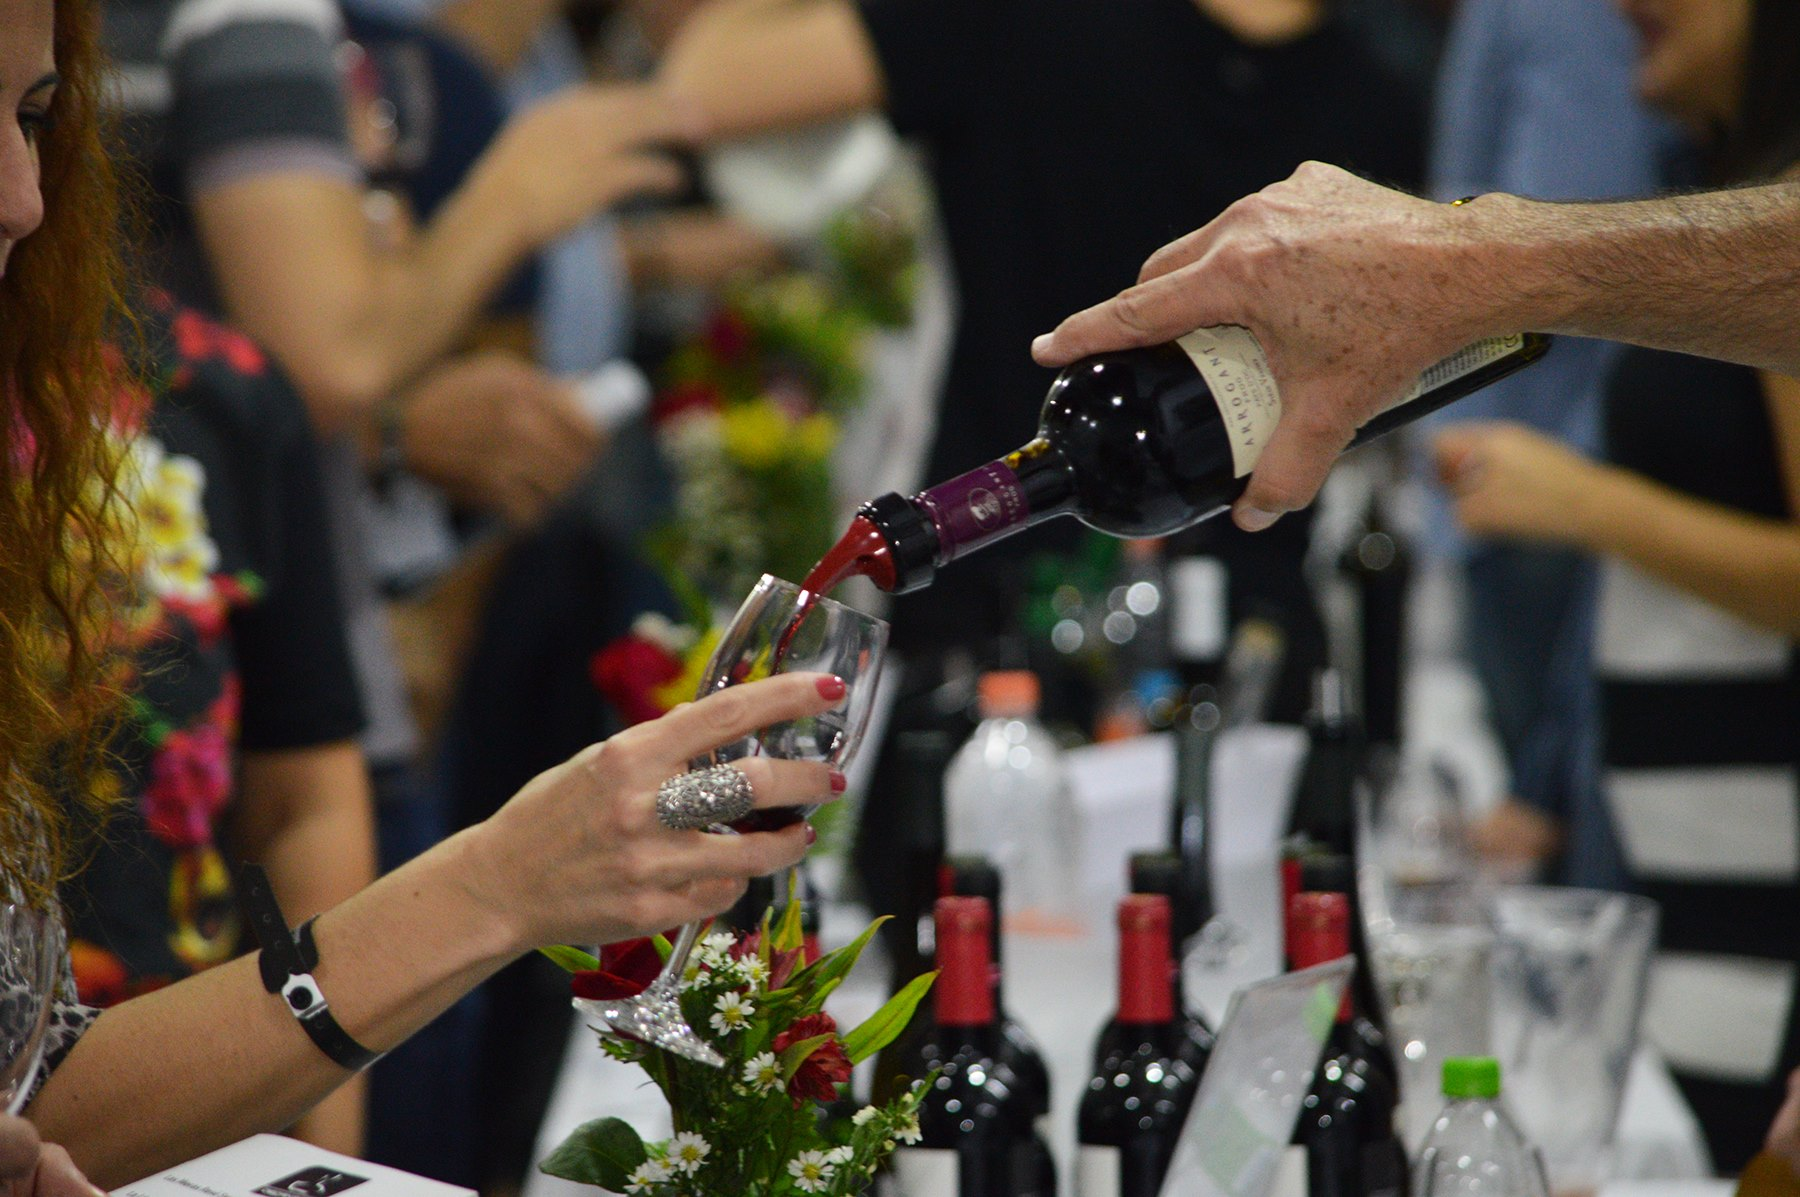 feira de vinhos rede kalimera 3